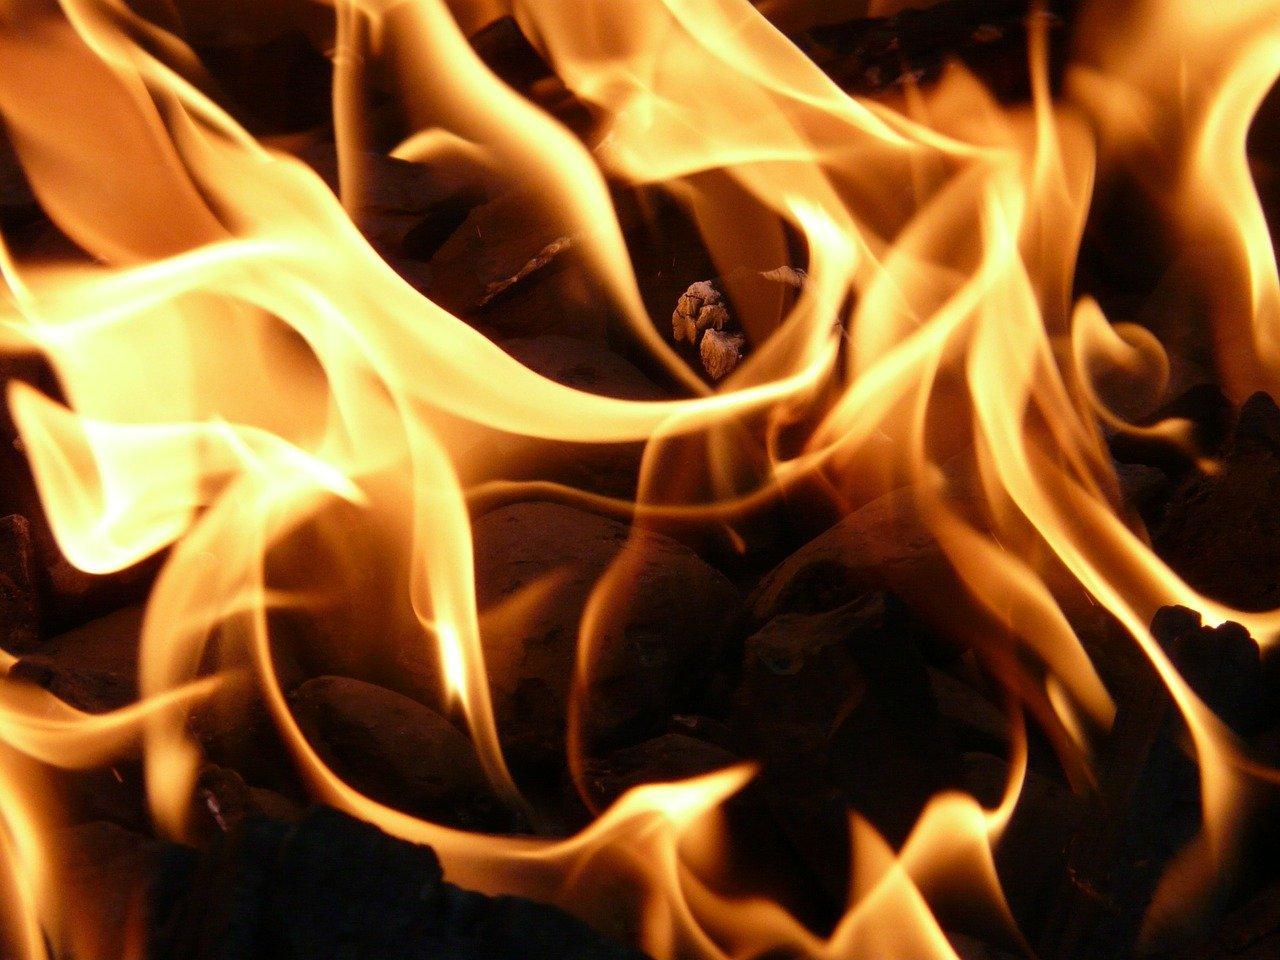 آتش سوزی در سن حوزه